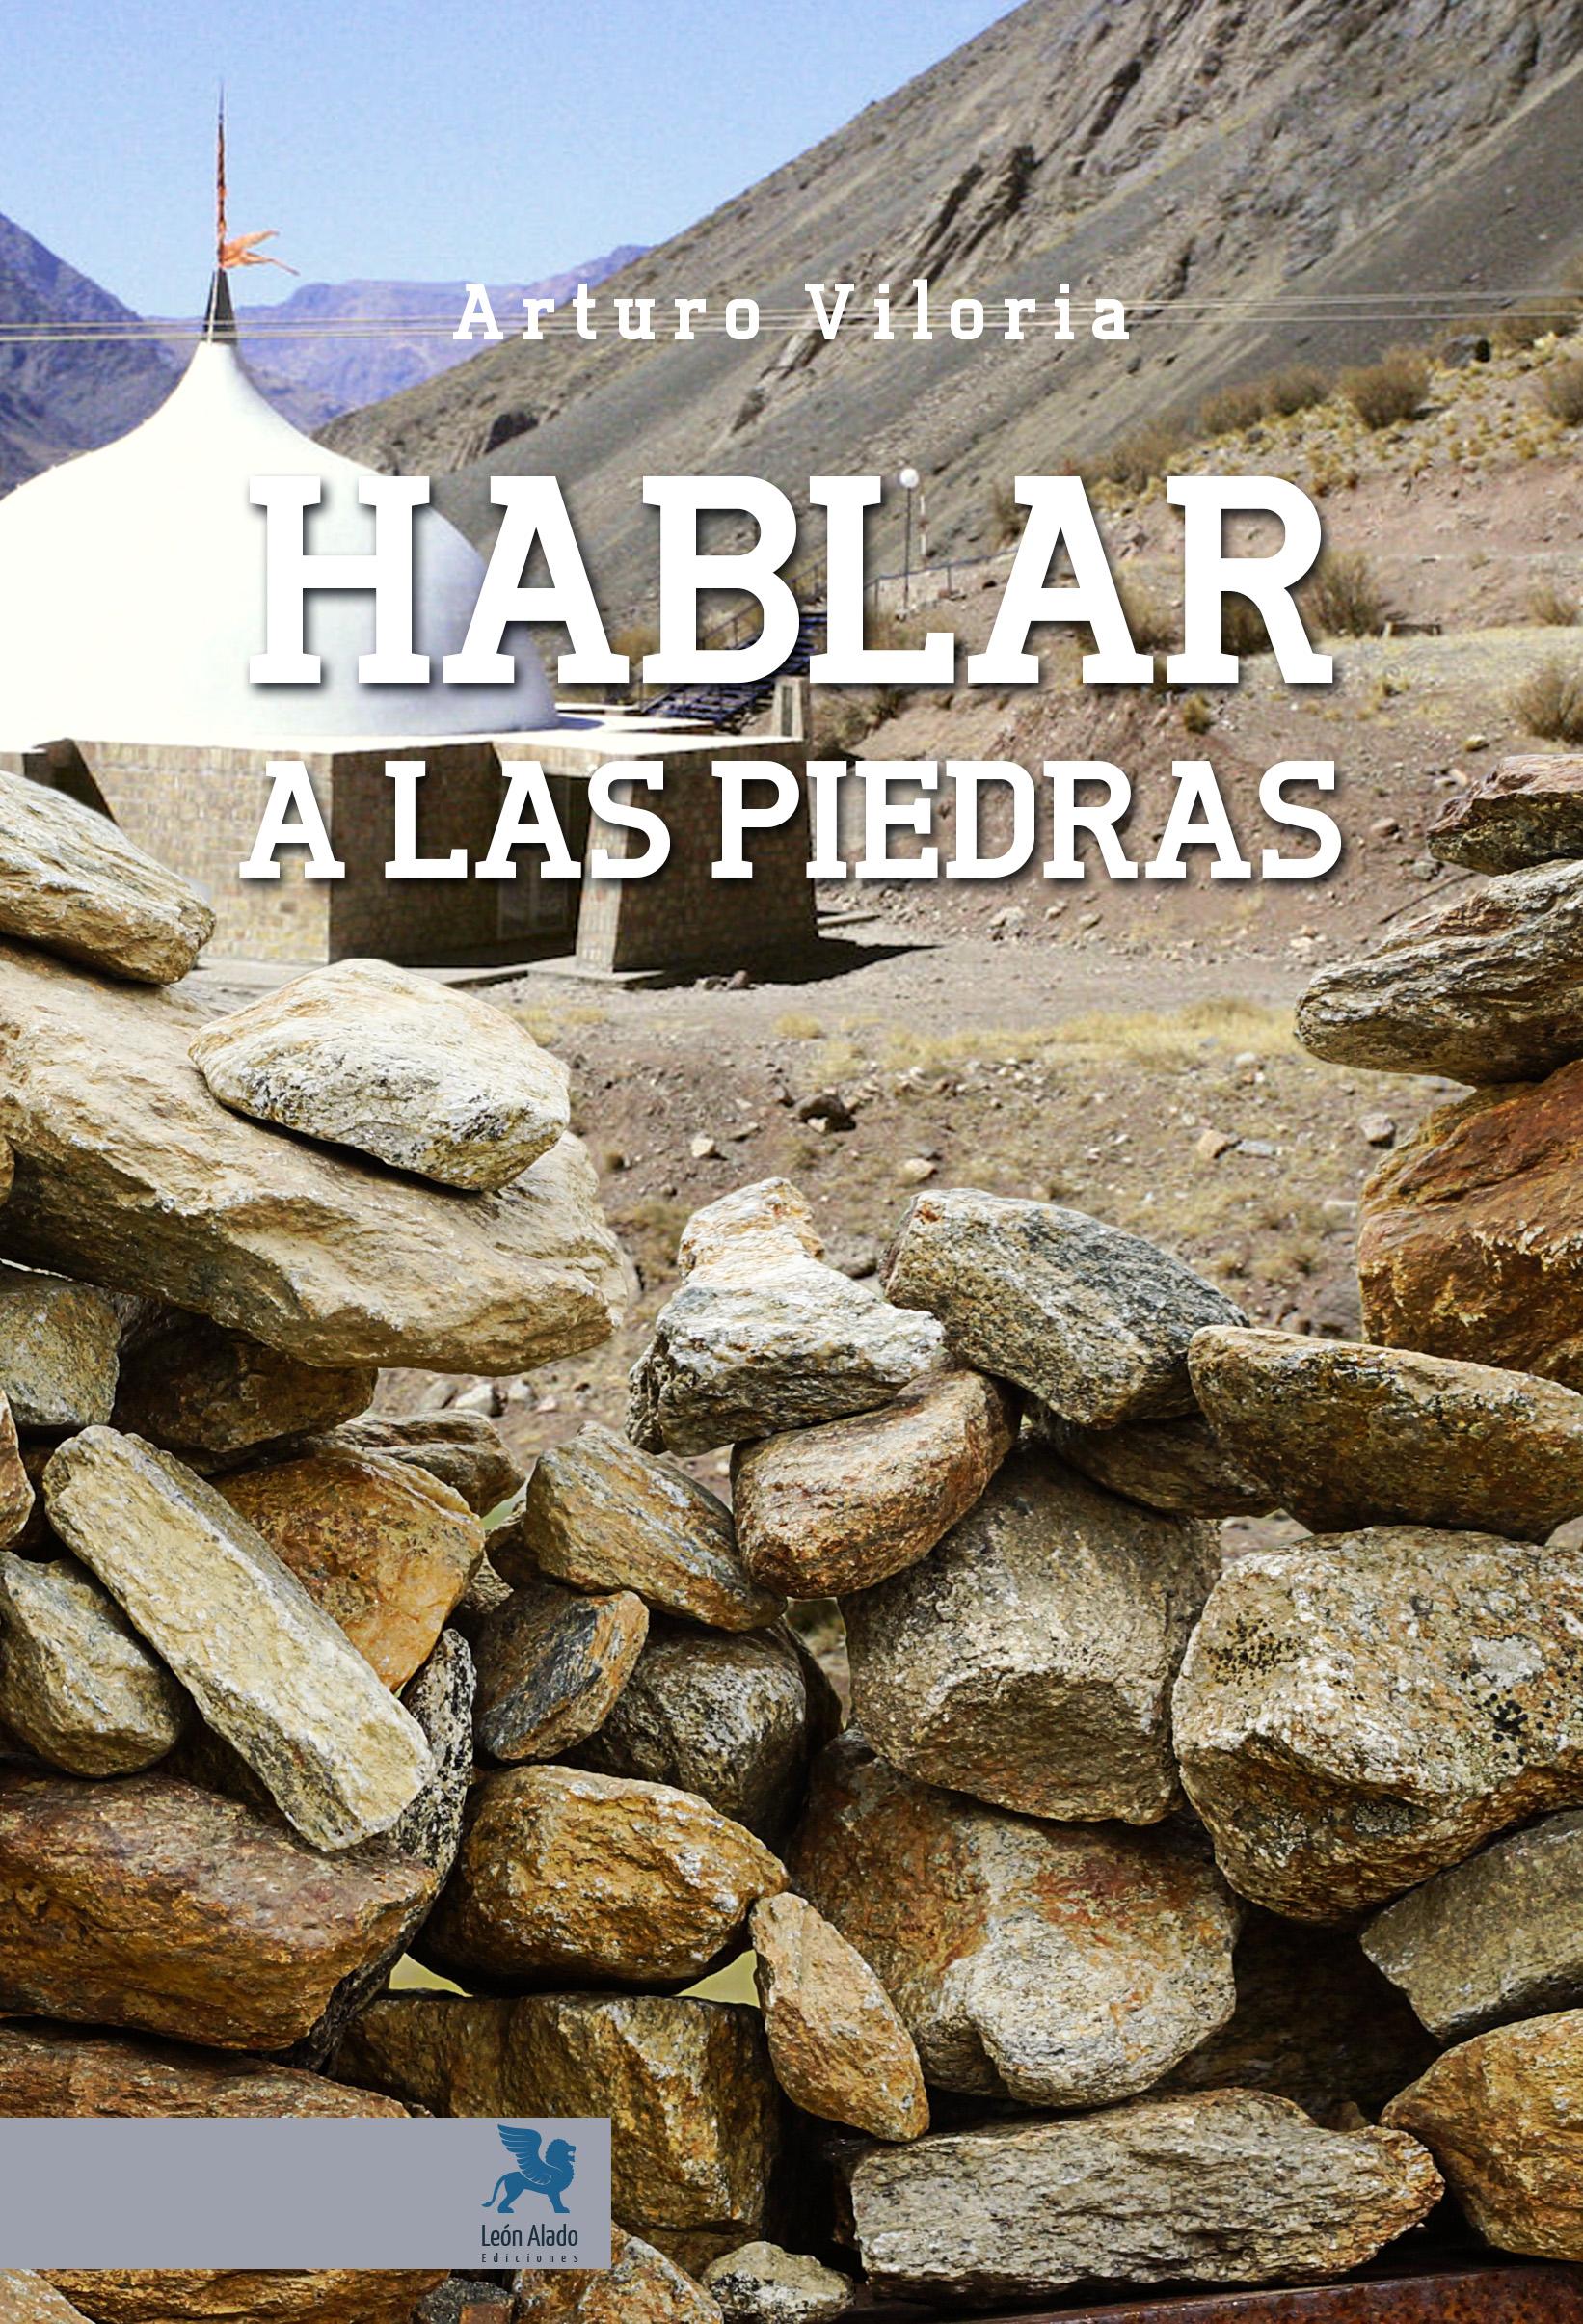 Hablar a las piedras